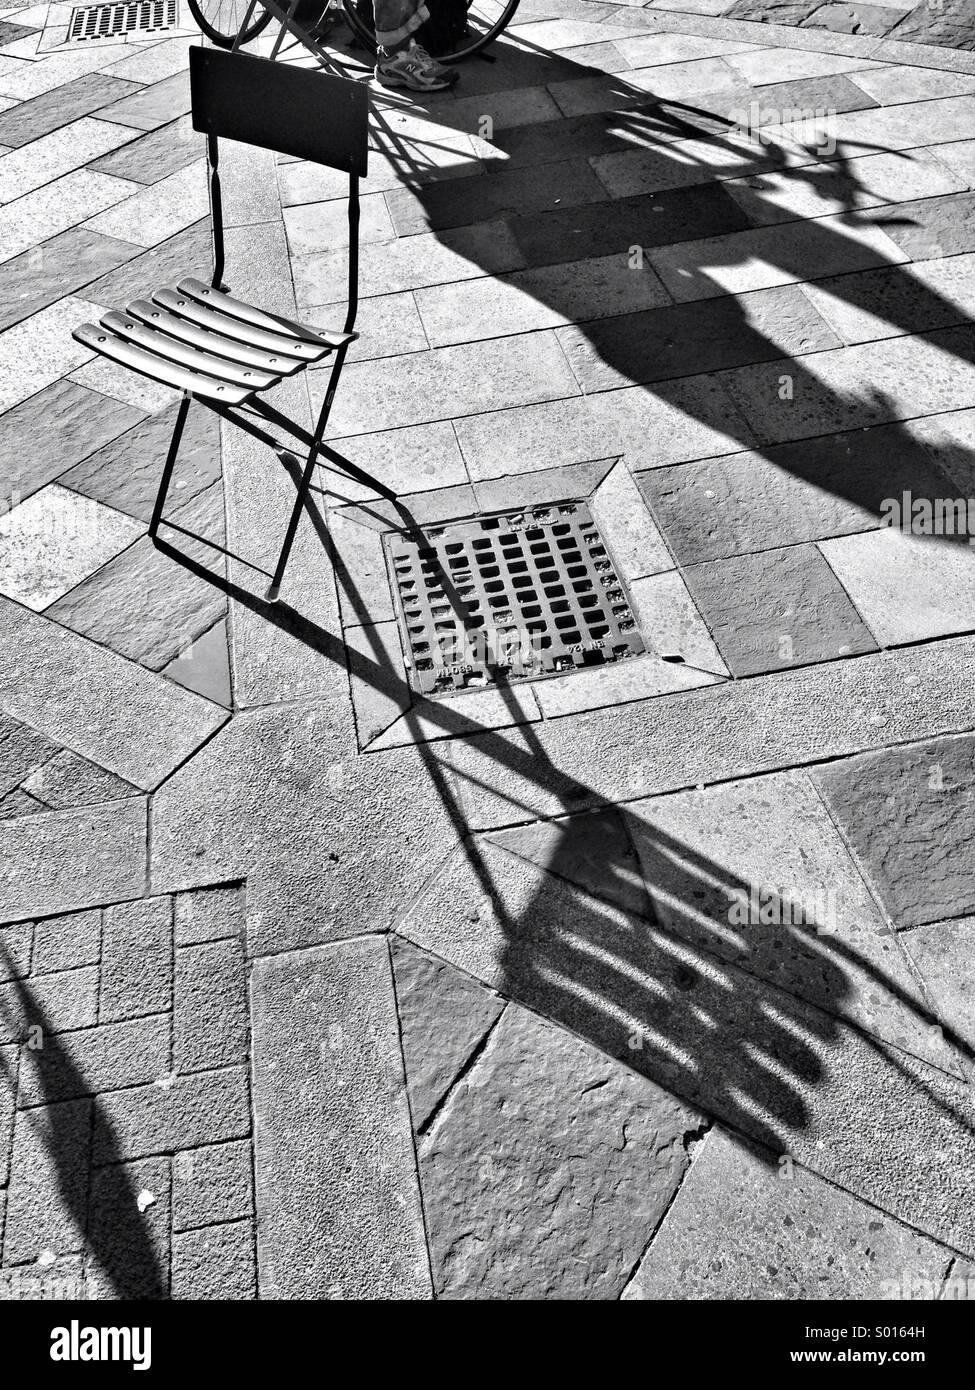 Puesta de sol sobre el pavimento de la ciudad Imagen De Stock